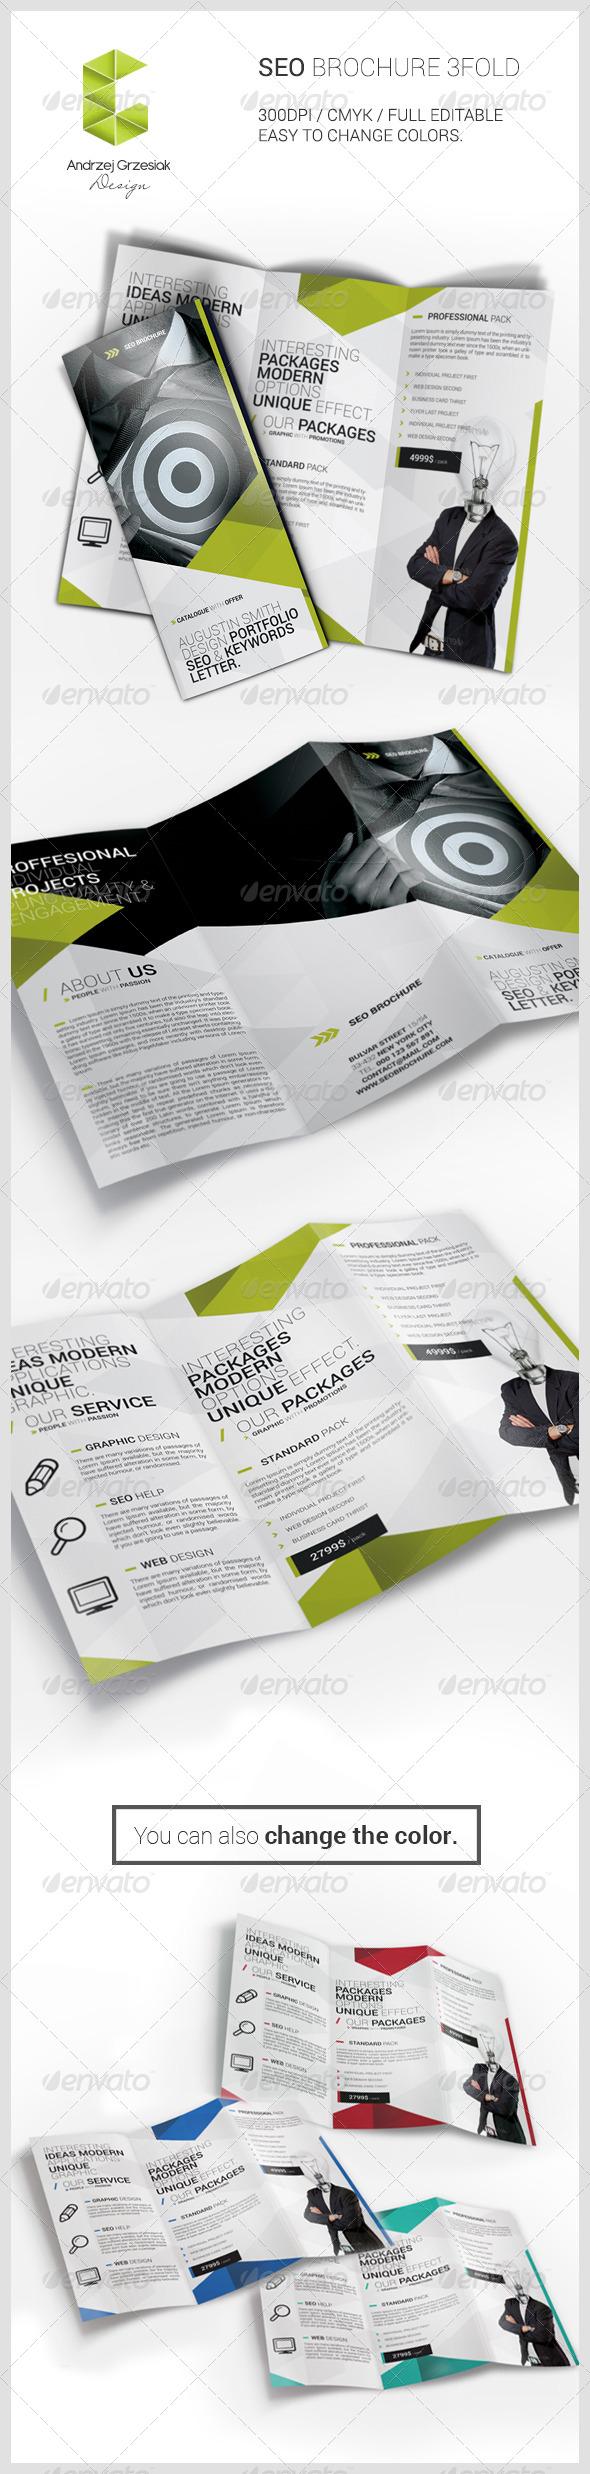 Seo Brochure - Brochures Print Templates